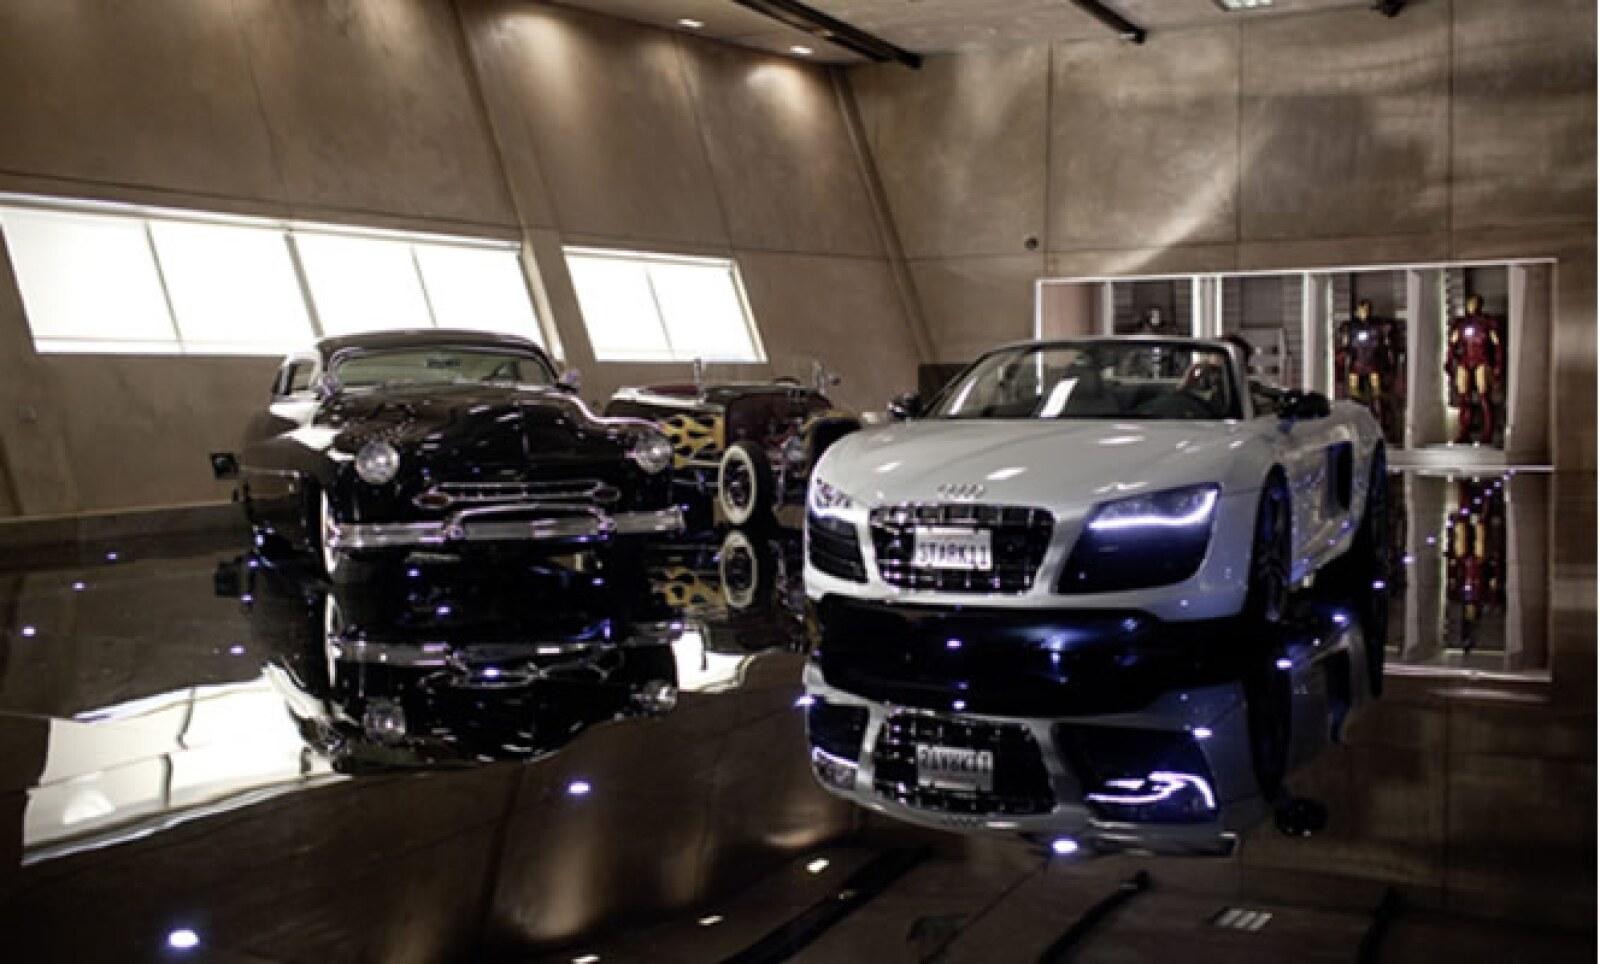 El Audi R8 Spyder tiene un precio de 142,400 euros, aproximadamente 2,260,000 pesos.